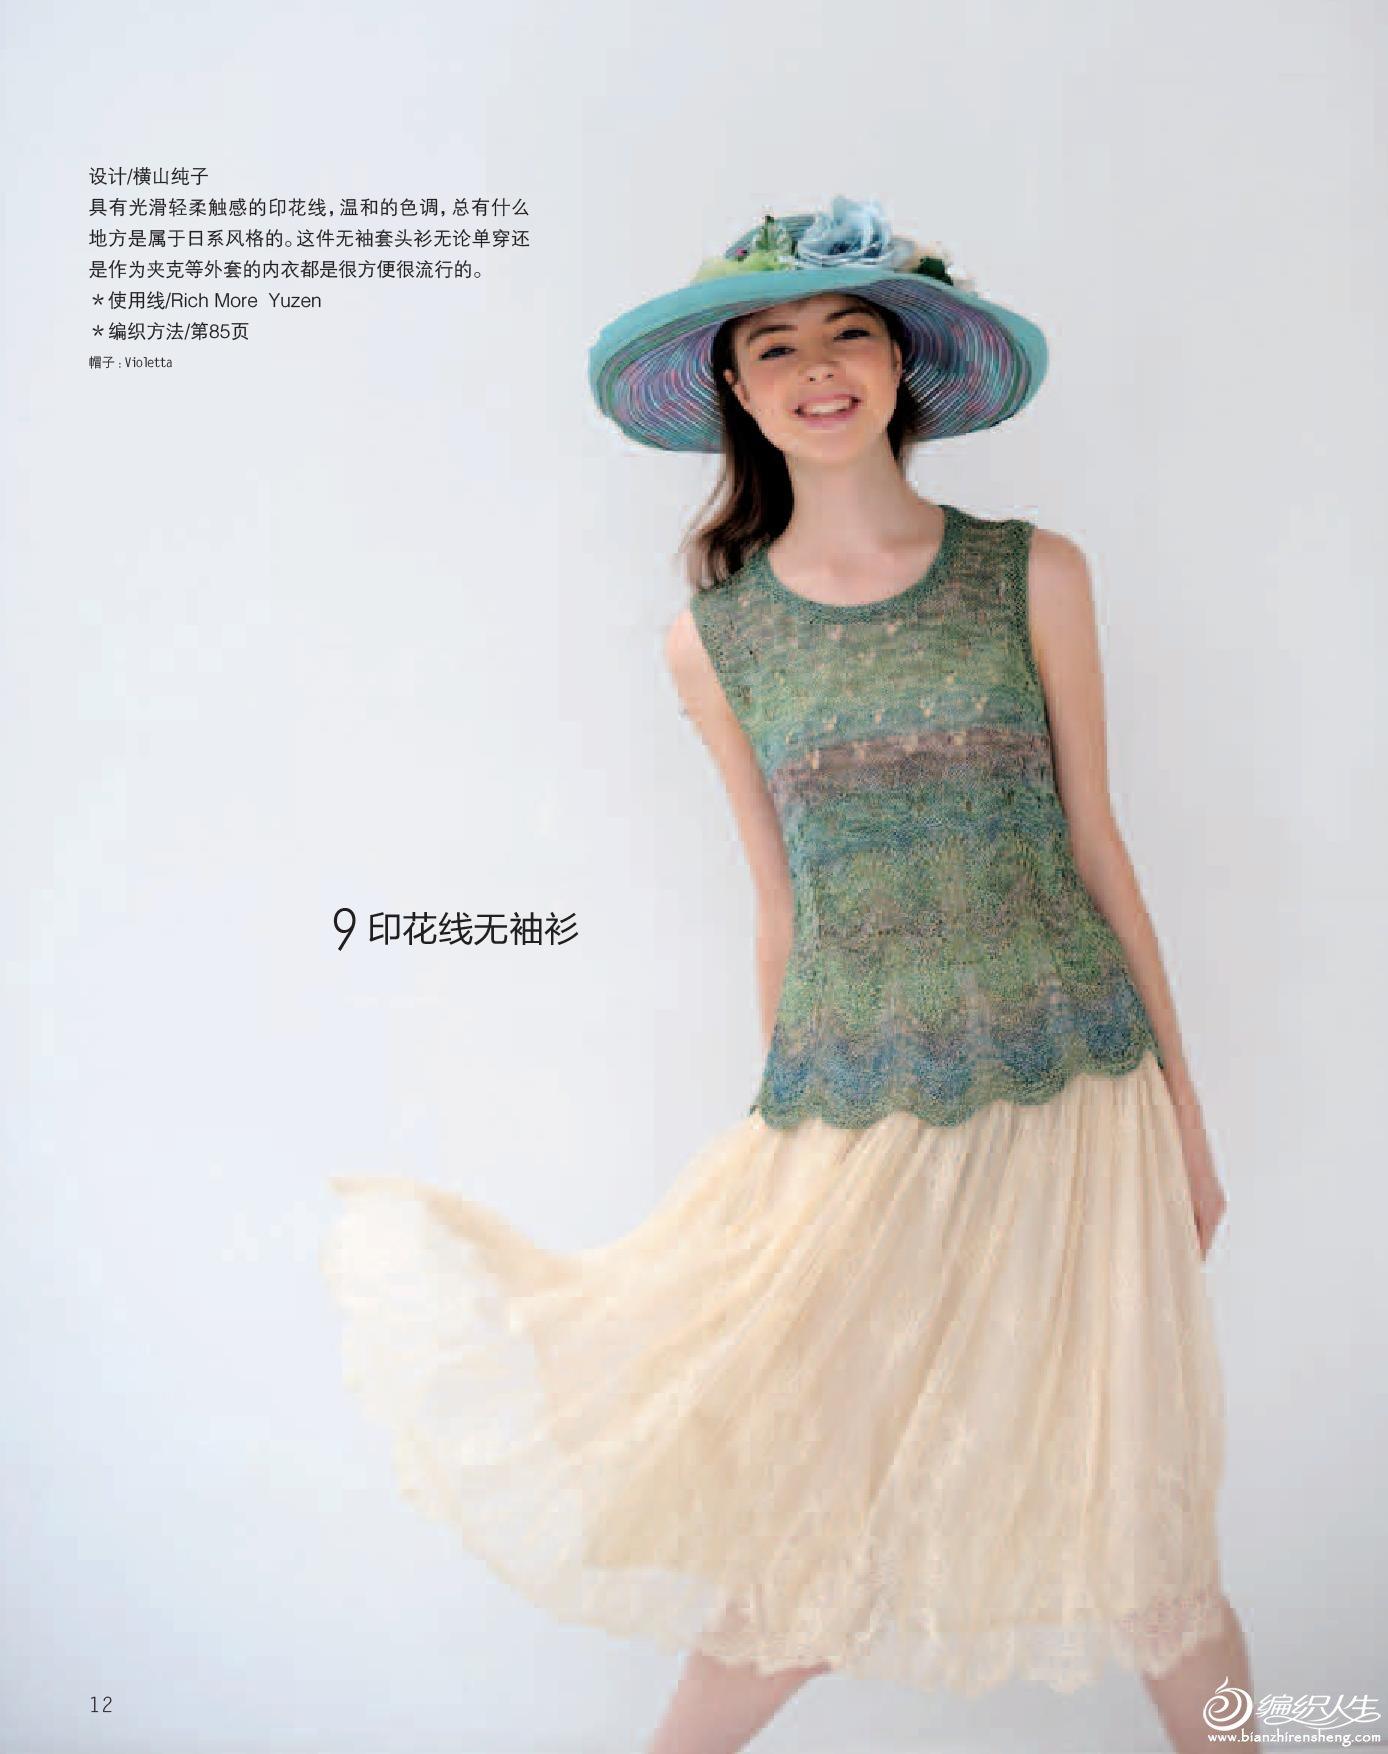 世界编织1 蕾丝编织的美丽世界-12.jpg